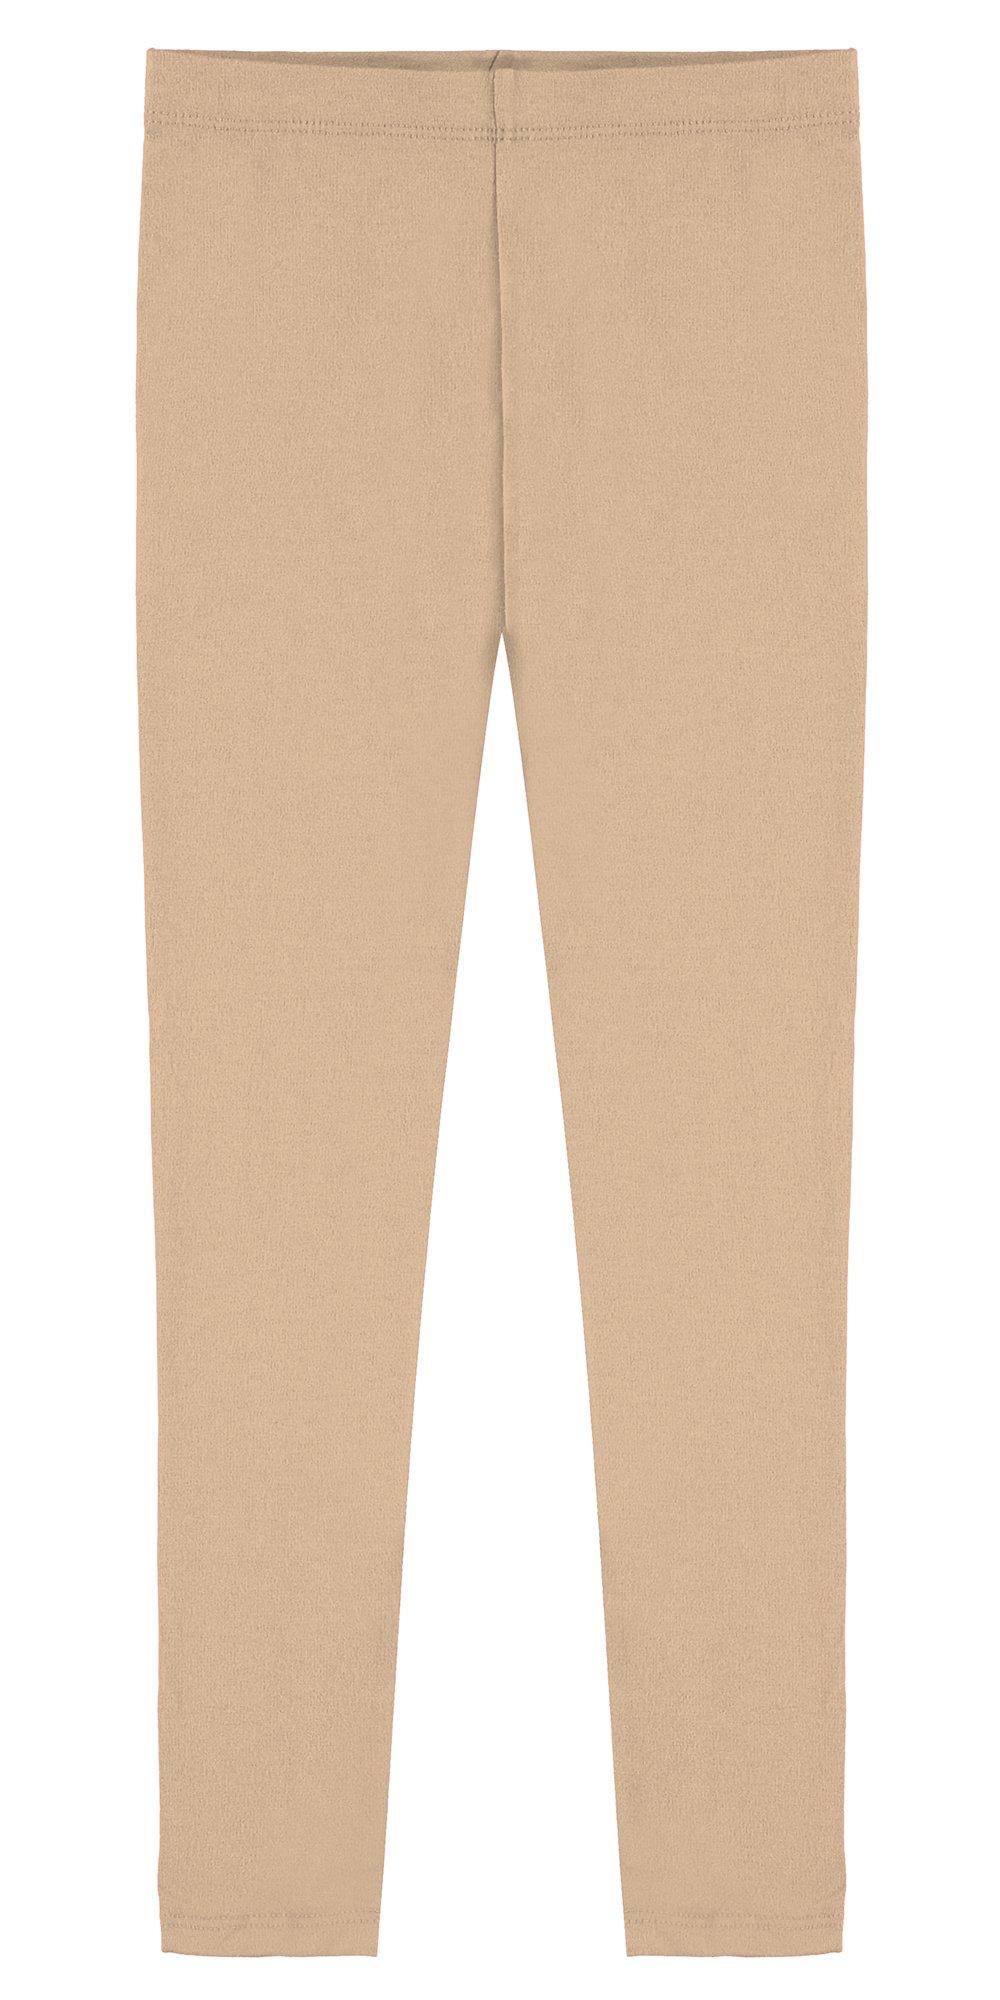 Popular Big Girl's Cotton Ankle Length Leggings - Khaki - 8